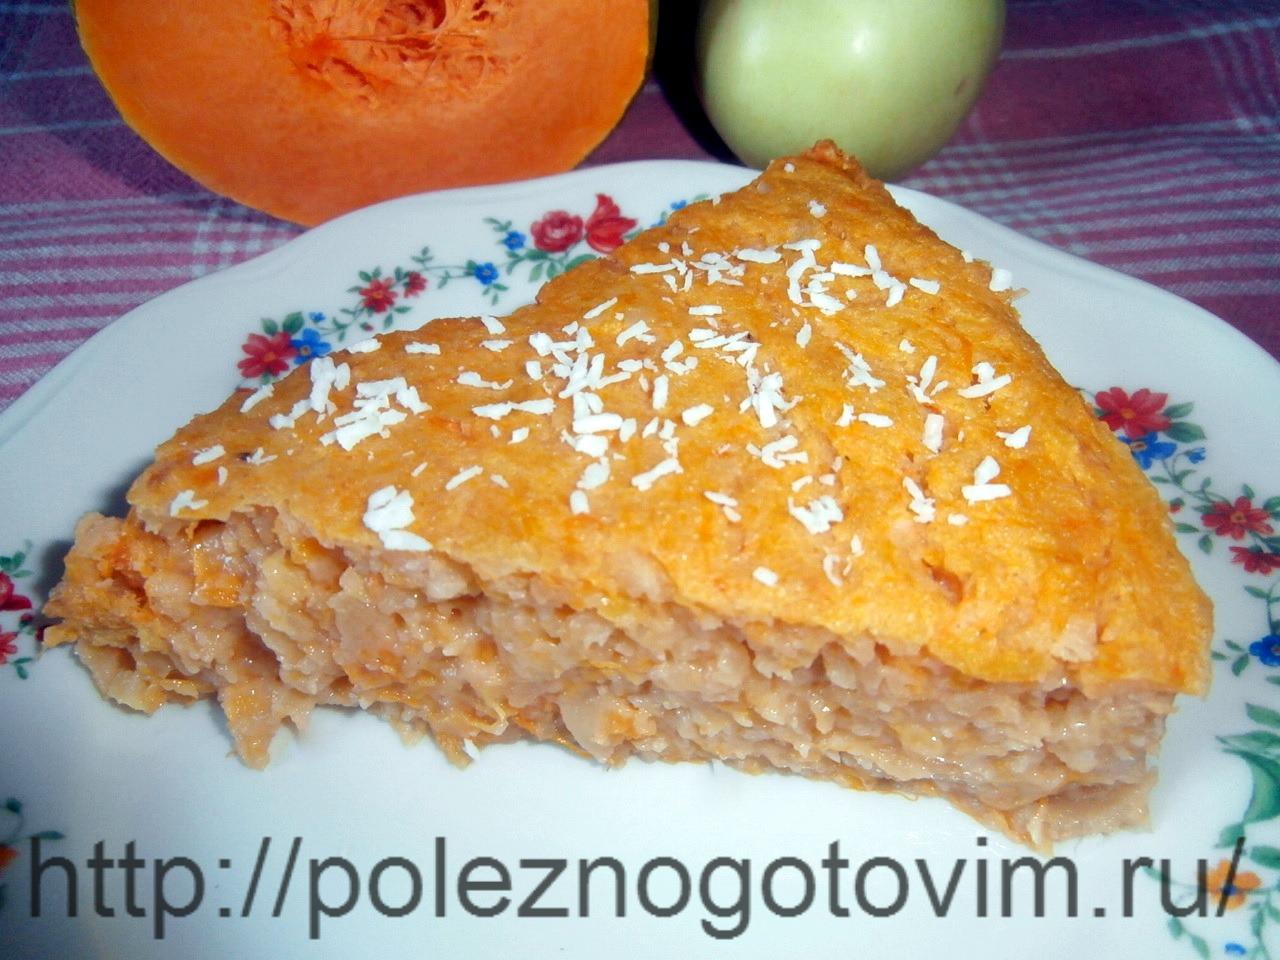 Блюда из тыквы для похудения. Рецепты блюд из тыквы